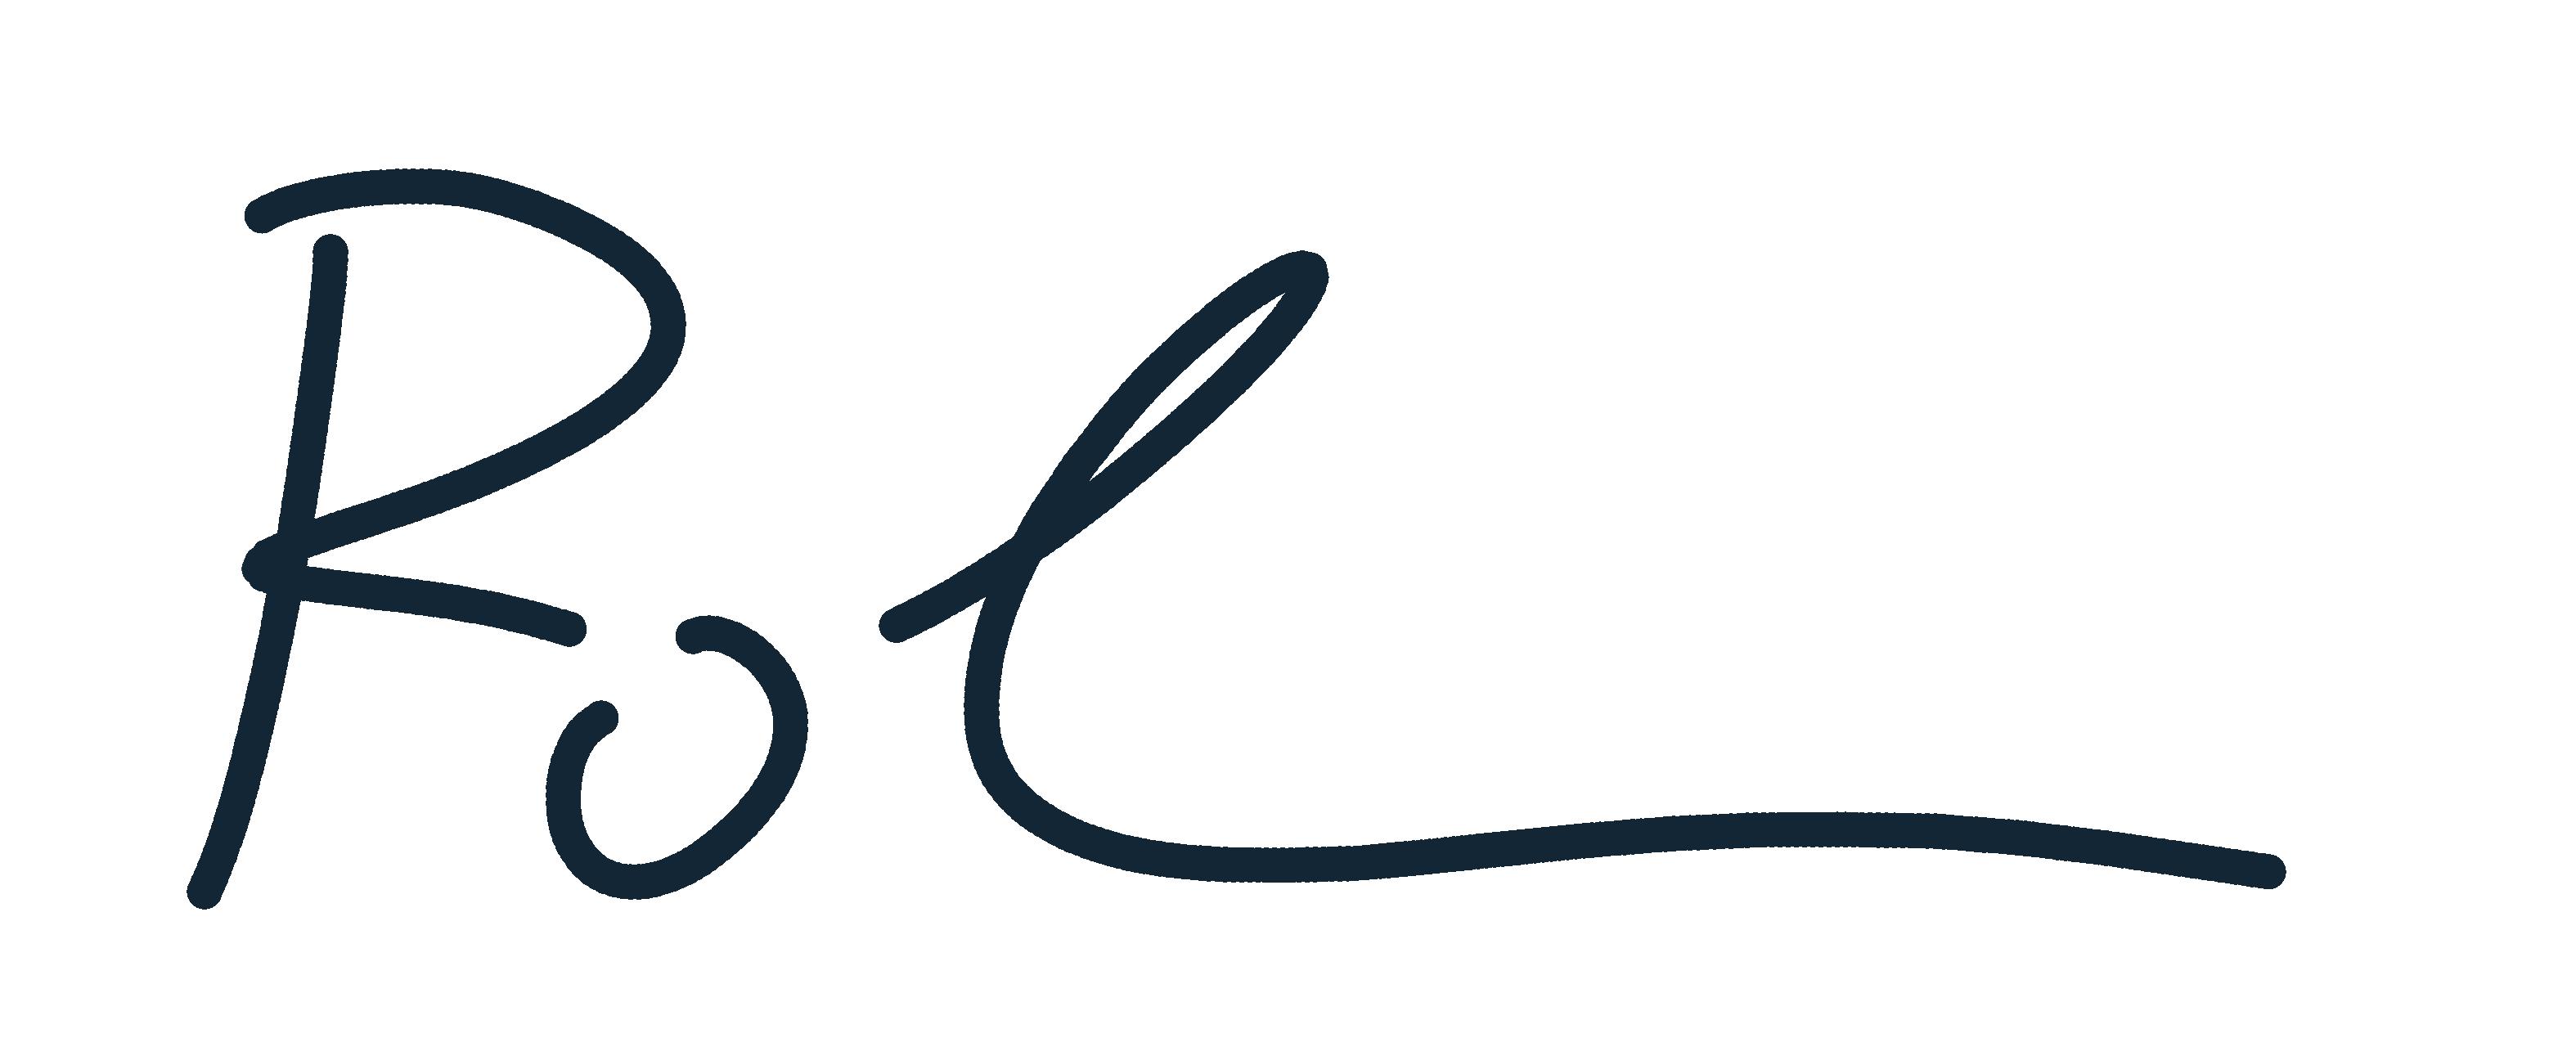 Roberto Salodini Signature